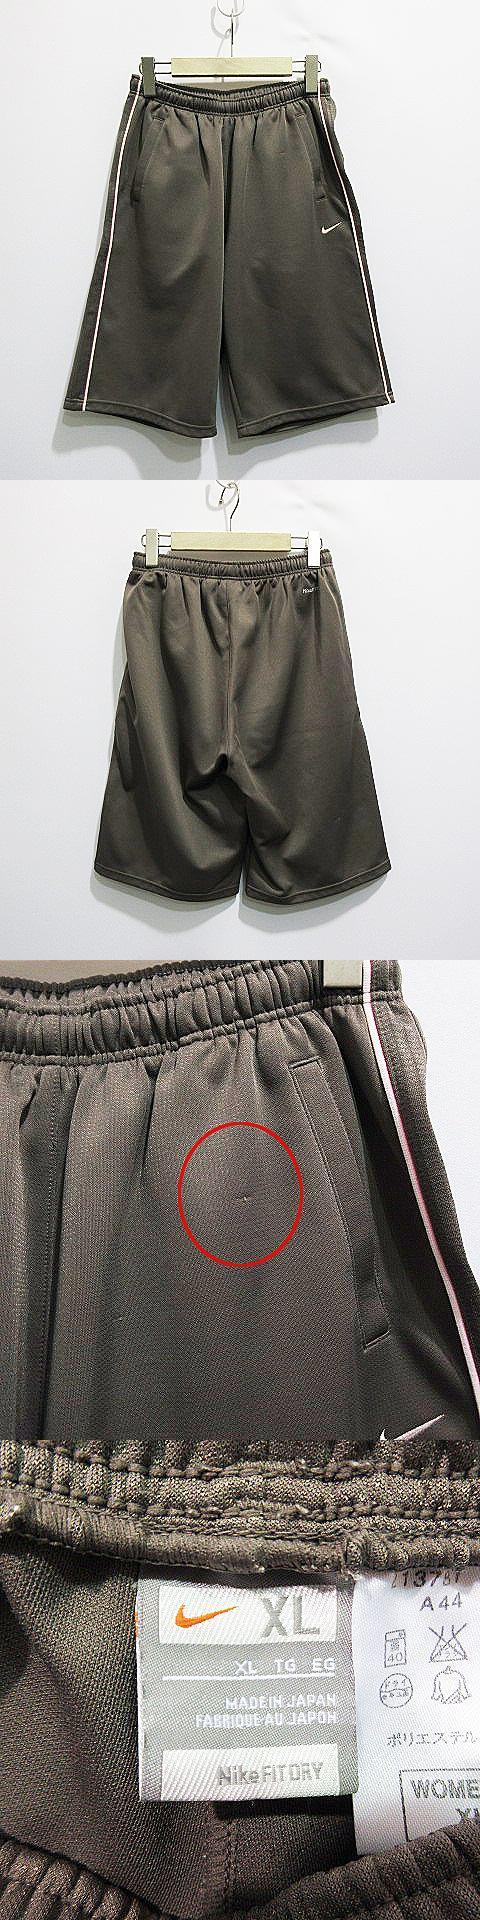 FIT ハーフ パンツ スポーツウェア ウエストゴム ライン 刺繍 ロゴ XL 茶 ブラウン系